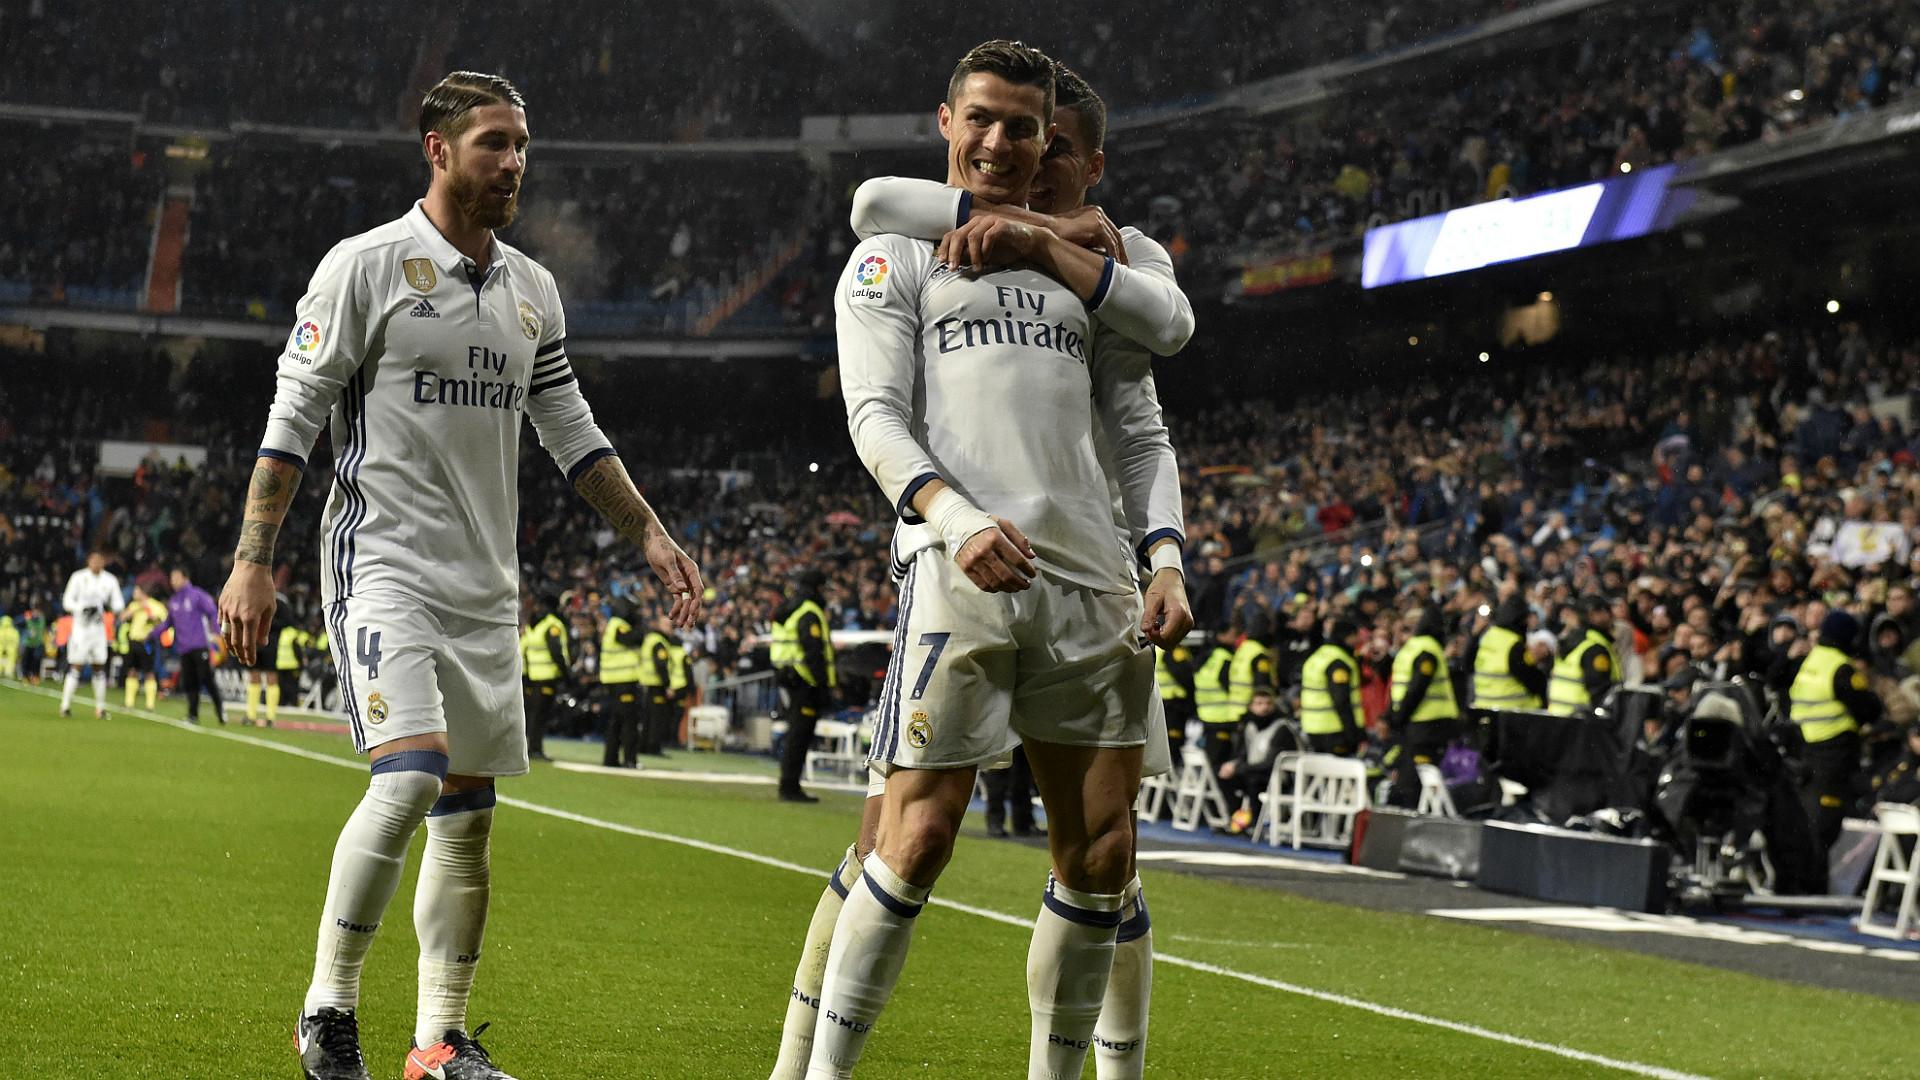 Top 10 CLB thể thao giá trị nhất 2018: M.U ăn đứt Real, Barca - Bóng Đá